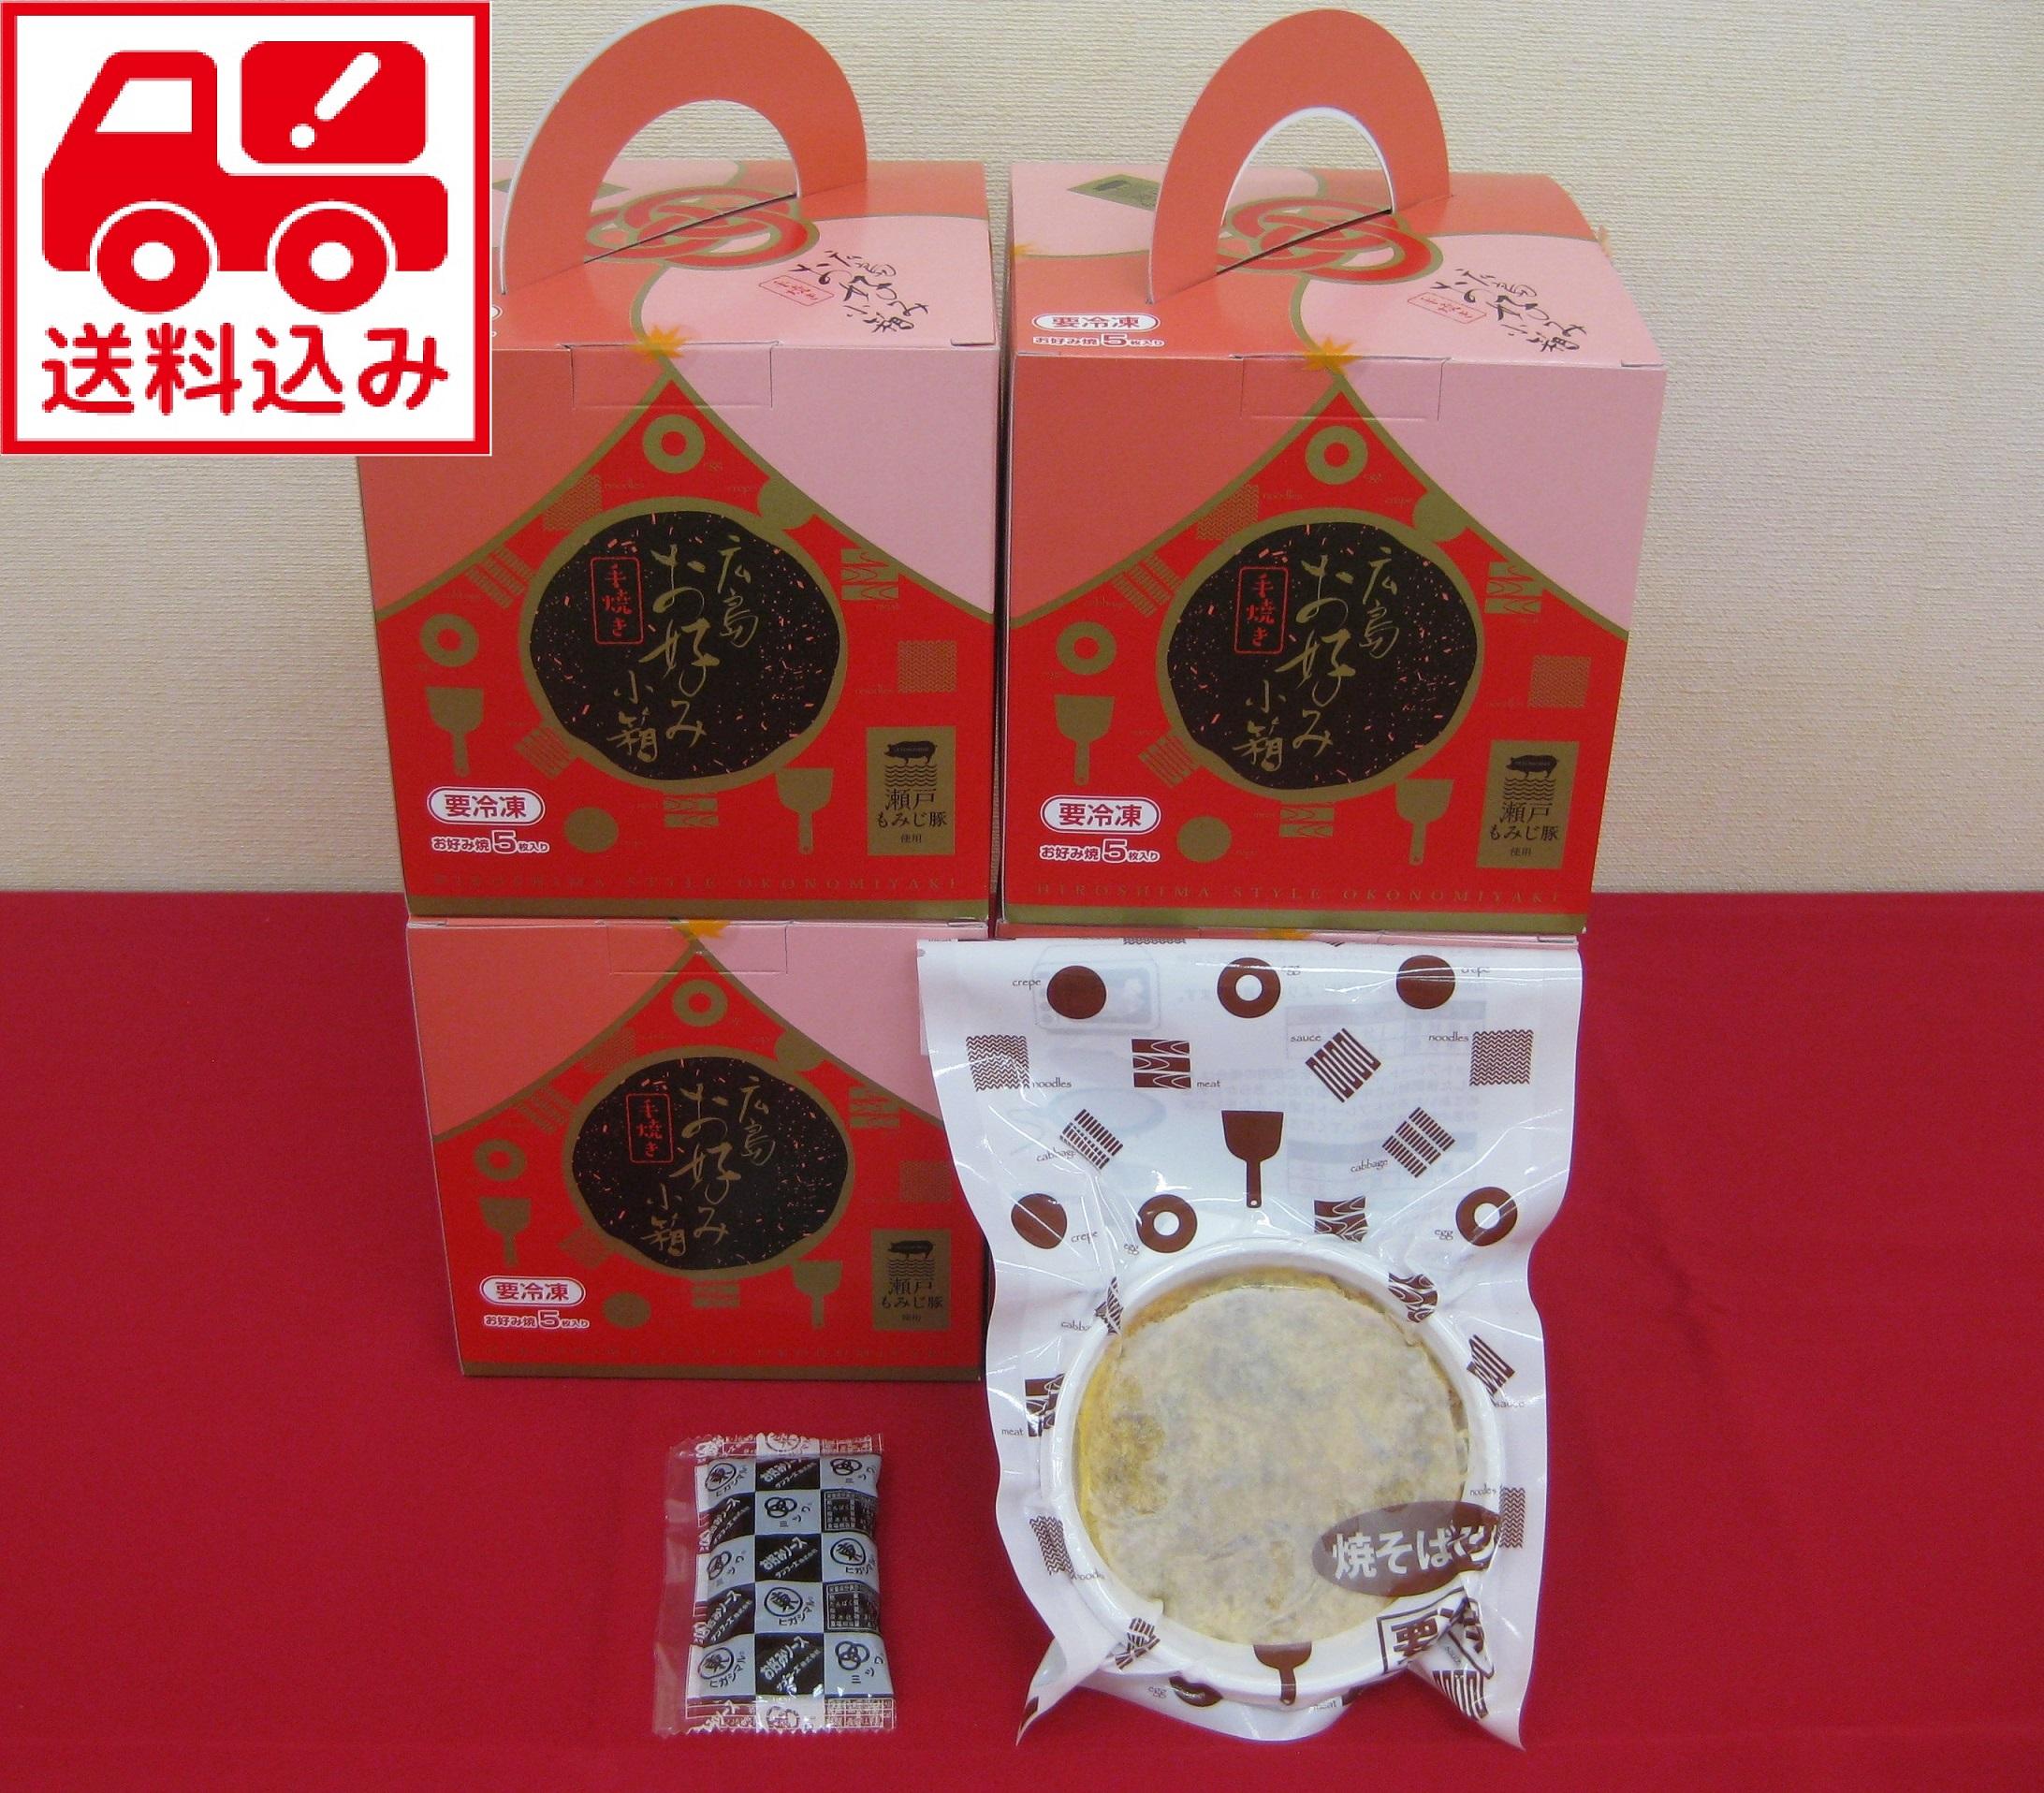 冷凍お好み焼「広島お好み小箱」(100g×5枚入)×4お得セット